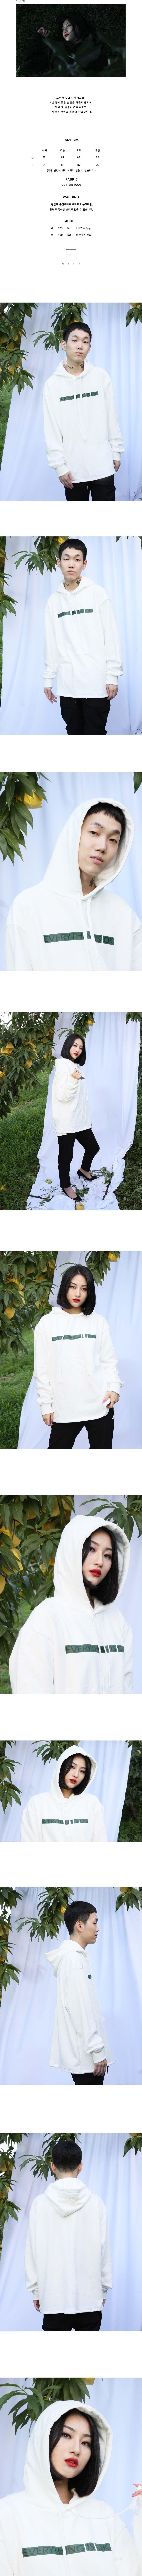 에티오 프린트 포레스트 후드 화이트~ETIO print forest hood white.jpg